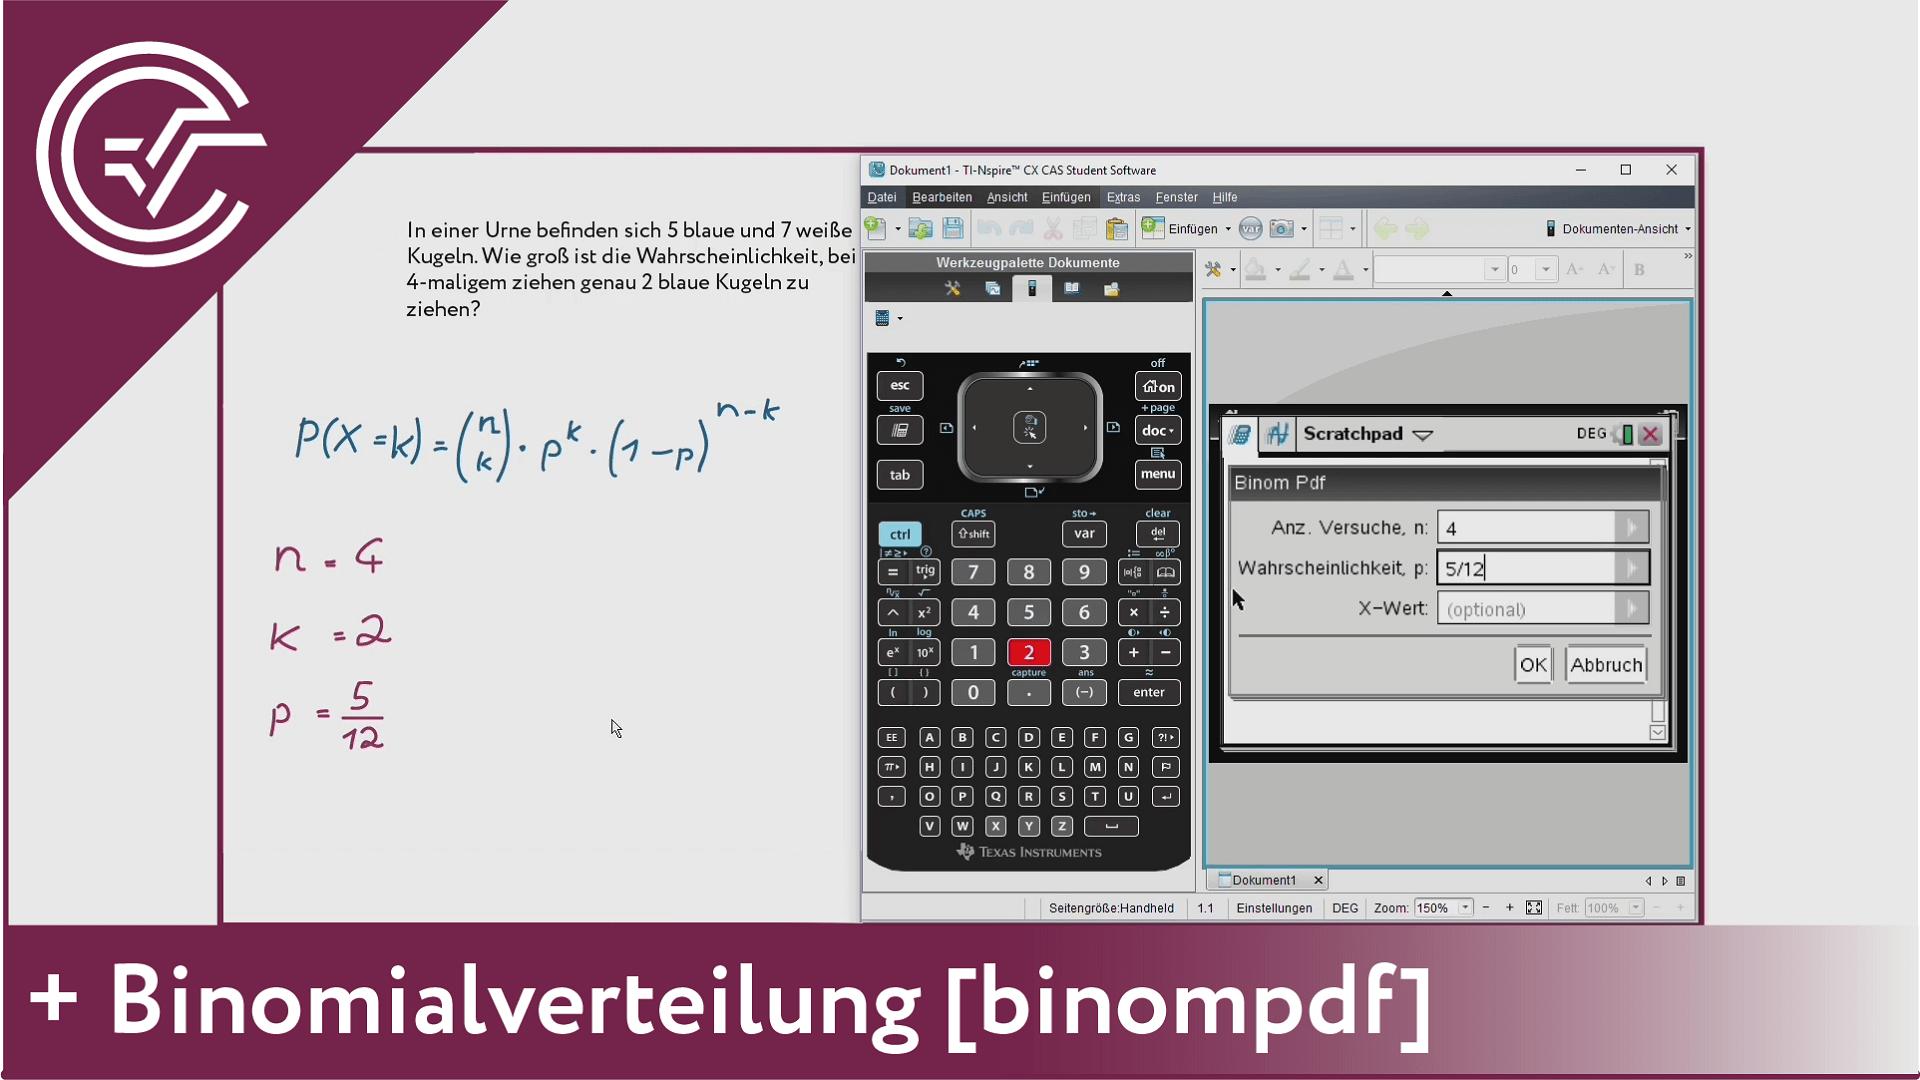 10. Binomialverteilung - binompdf [TI-Nspire]